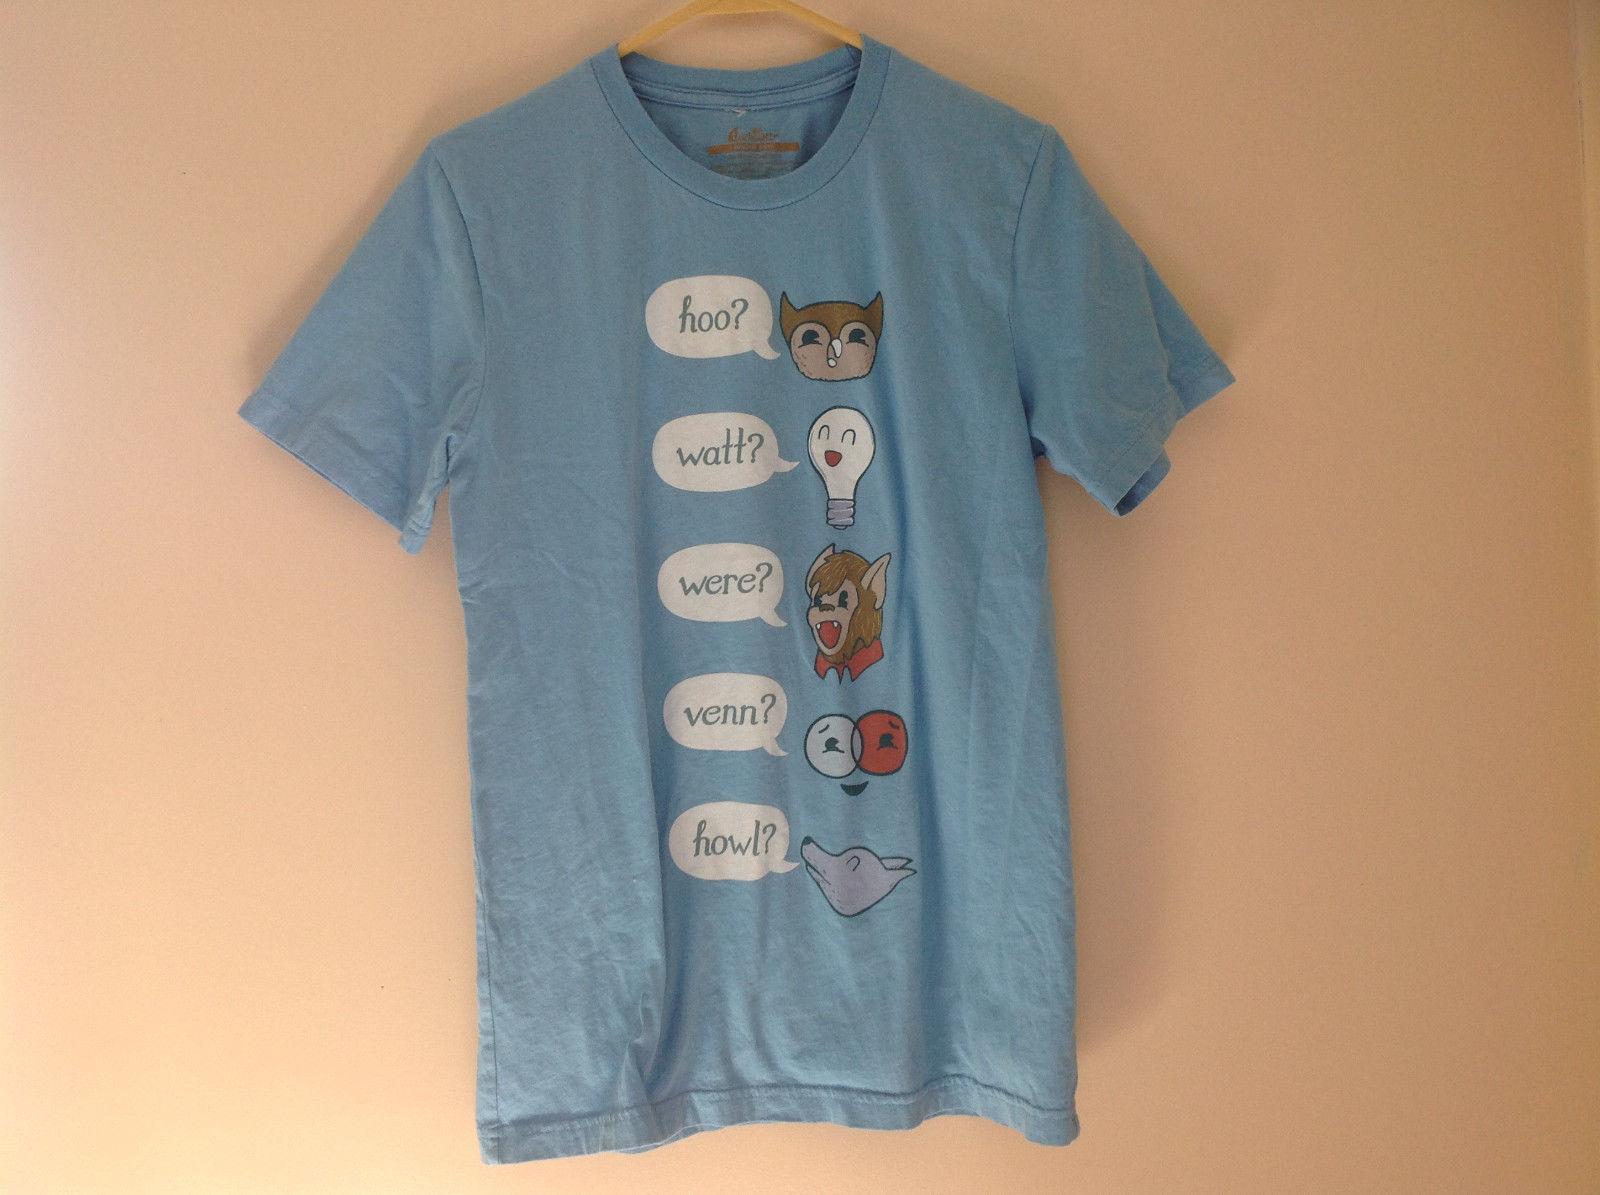 Blue Hoo Watt Were Venn Howl Graphic Short Sleeve T-Shirt Threadless Size M